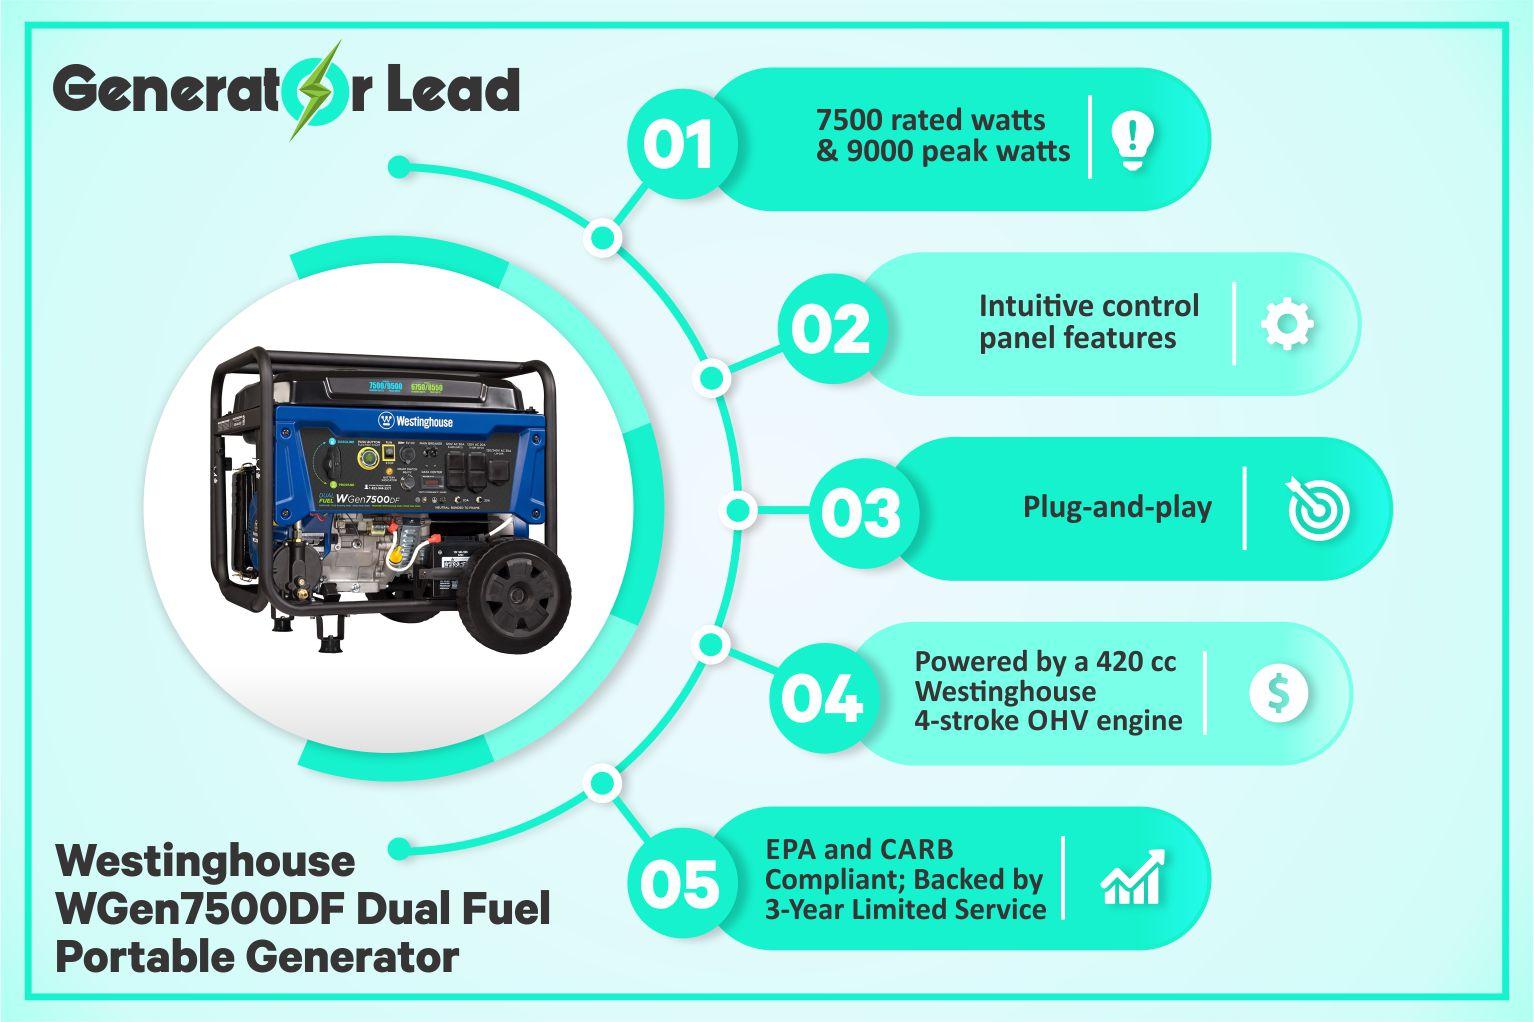 Westinghouse WGen7500DF - Best Dual Fuel Portable Generator infographic details